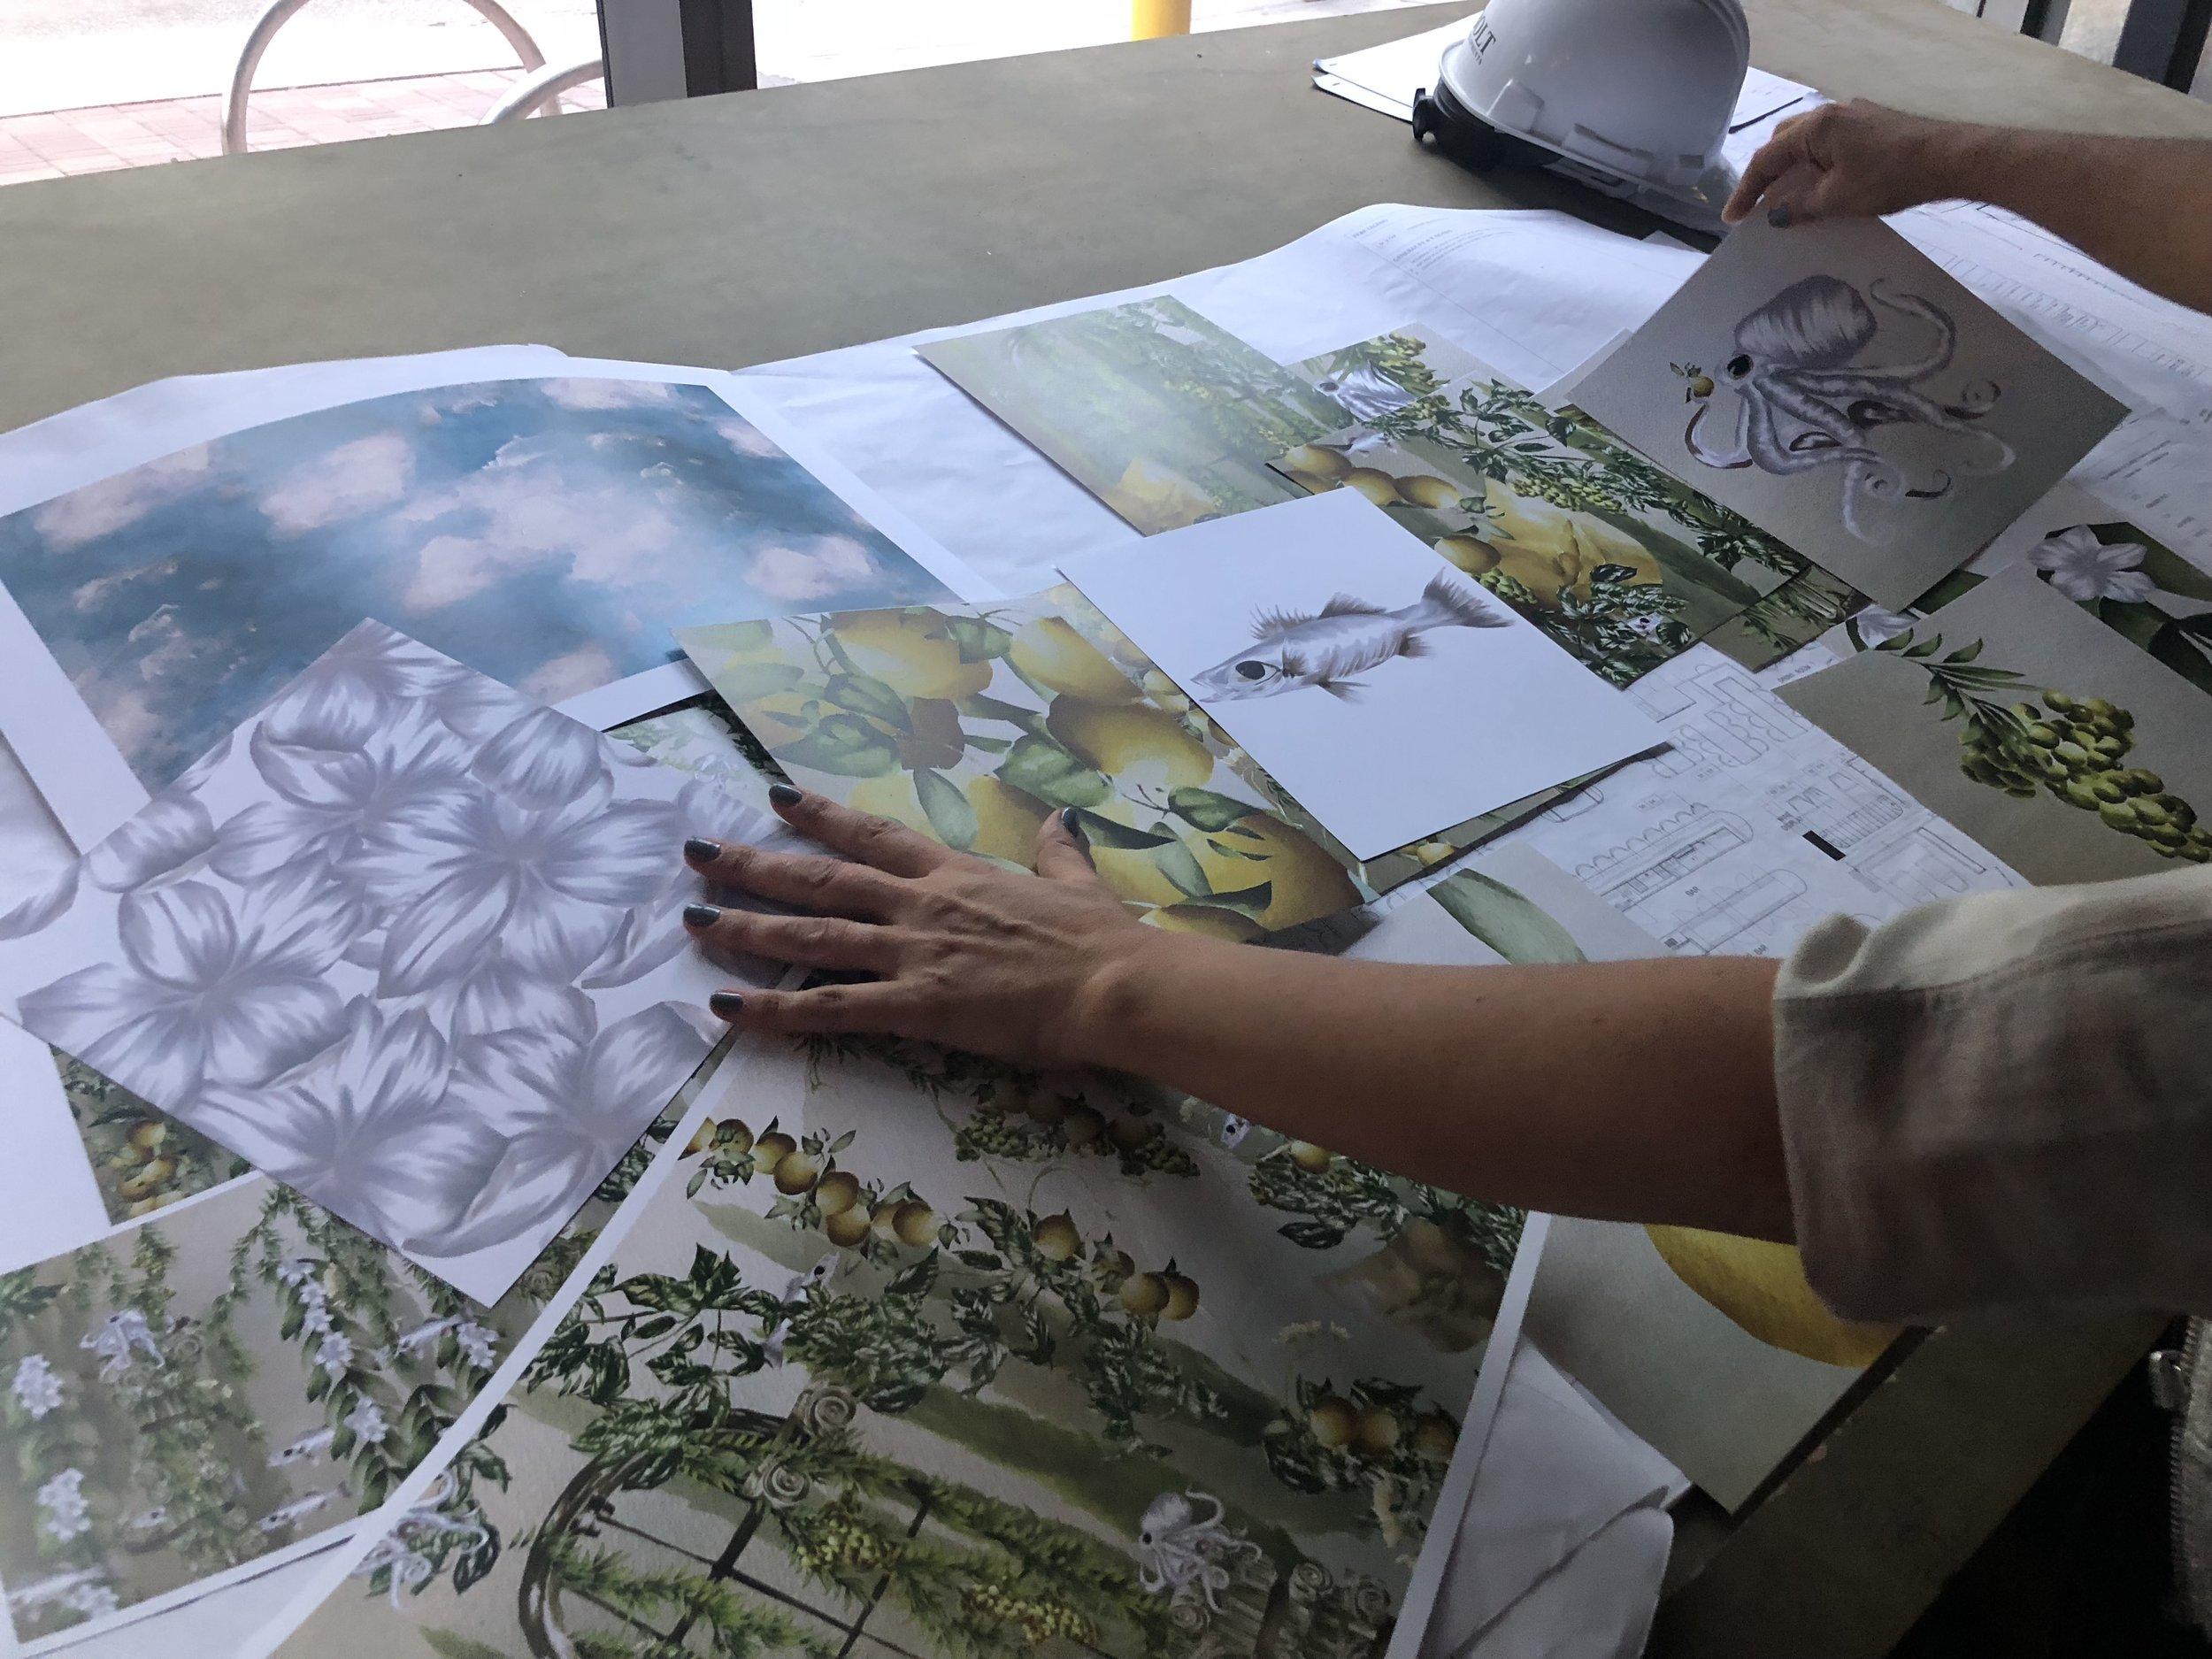 Meetings_CandiceKayeDesign.jpg